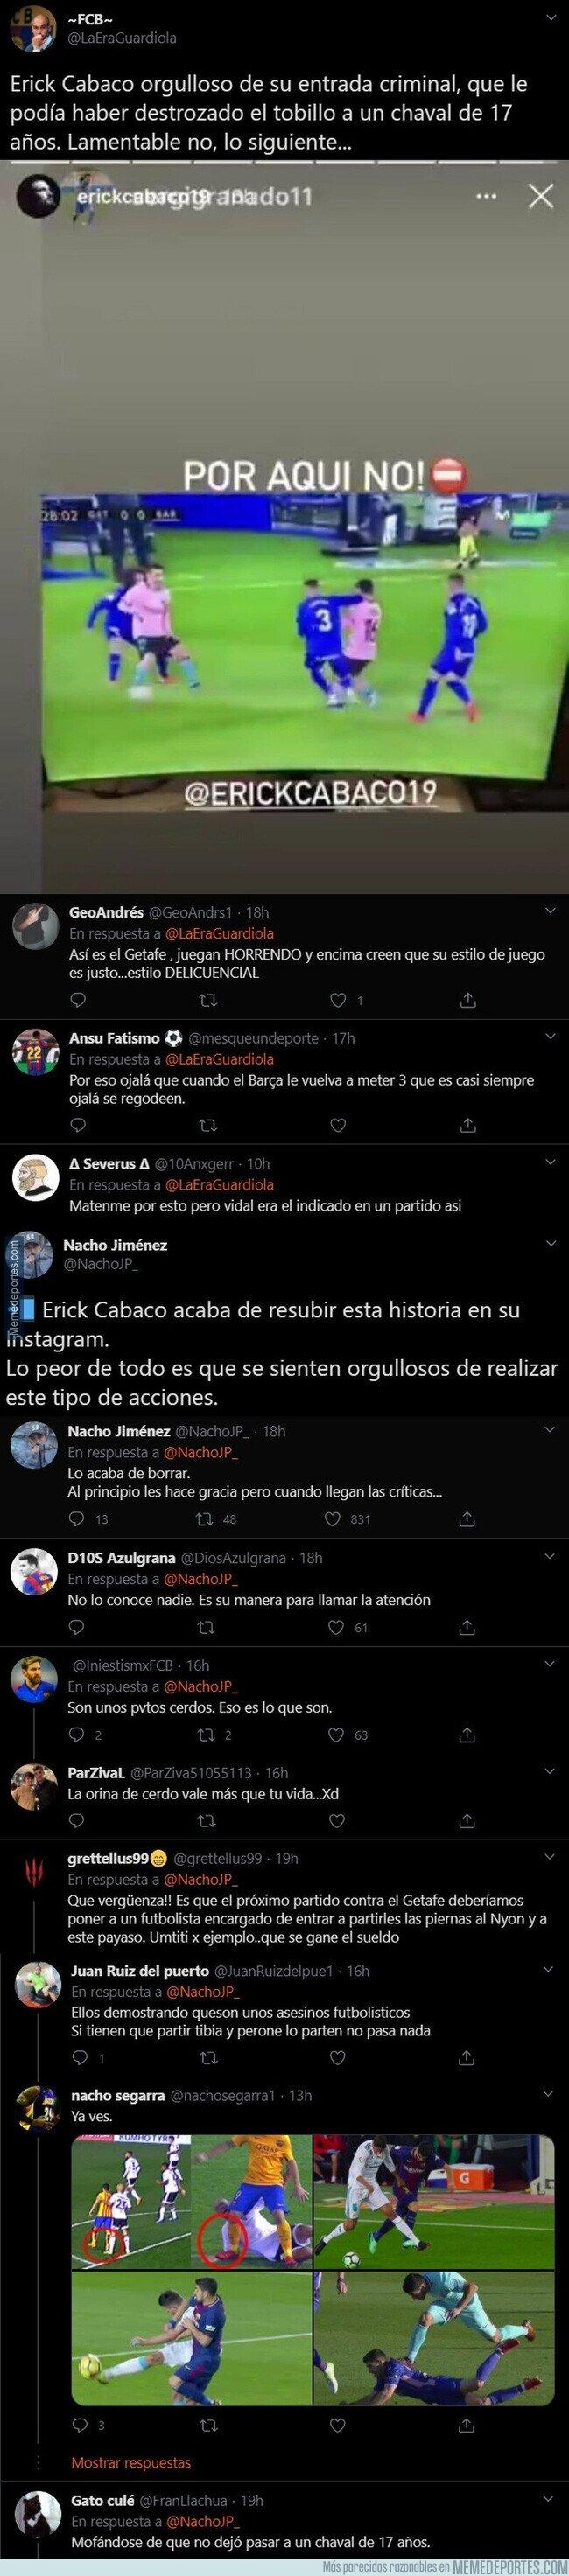 1118254 - Gran polémica por la 'story' que ha subido Erick Cabaco del Getafe tras el codazo a Messi que ha tenido que borrar